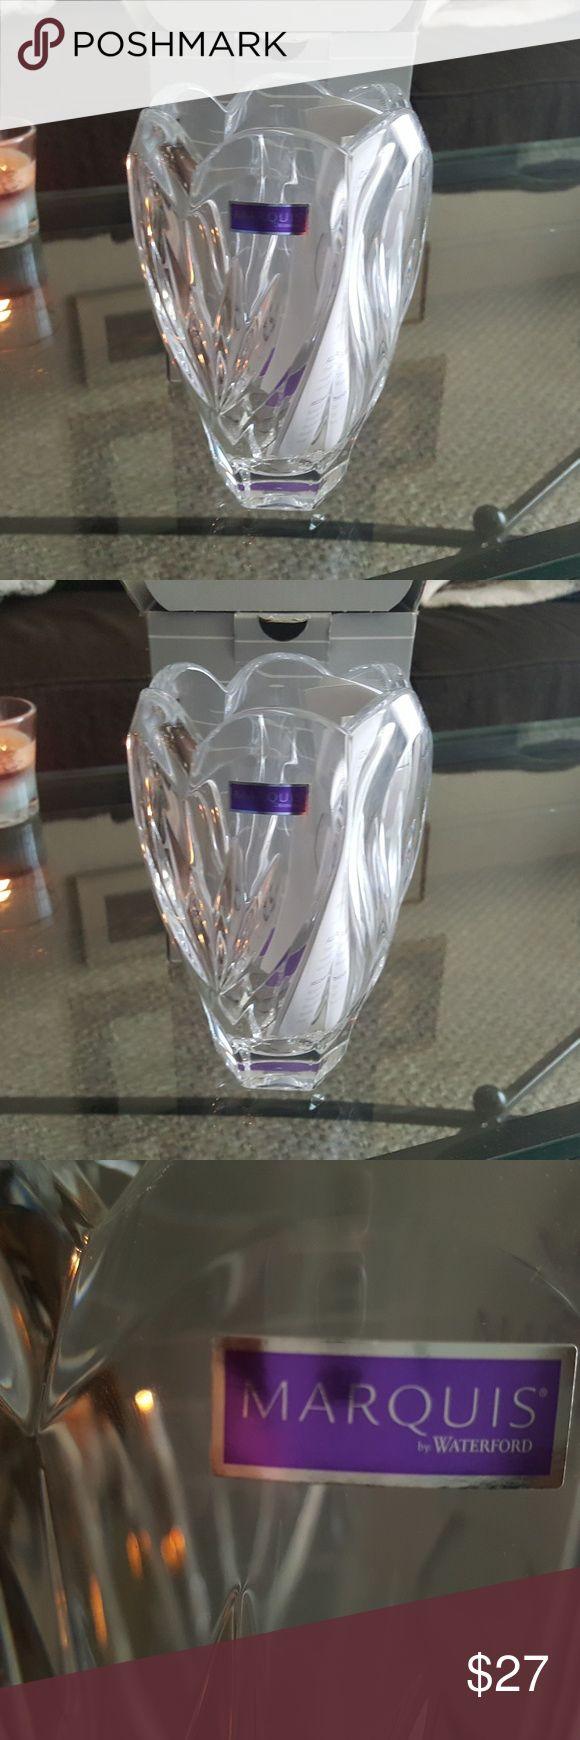 The 25 best waterford vase ideas on pinterest crystal vase marquis waterford vase reviewsmspy